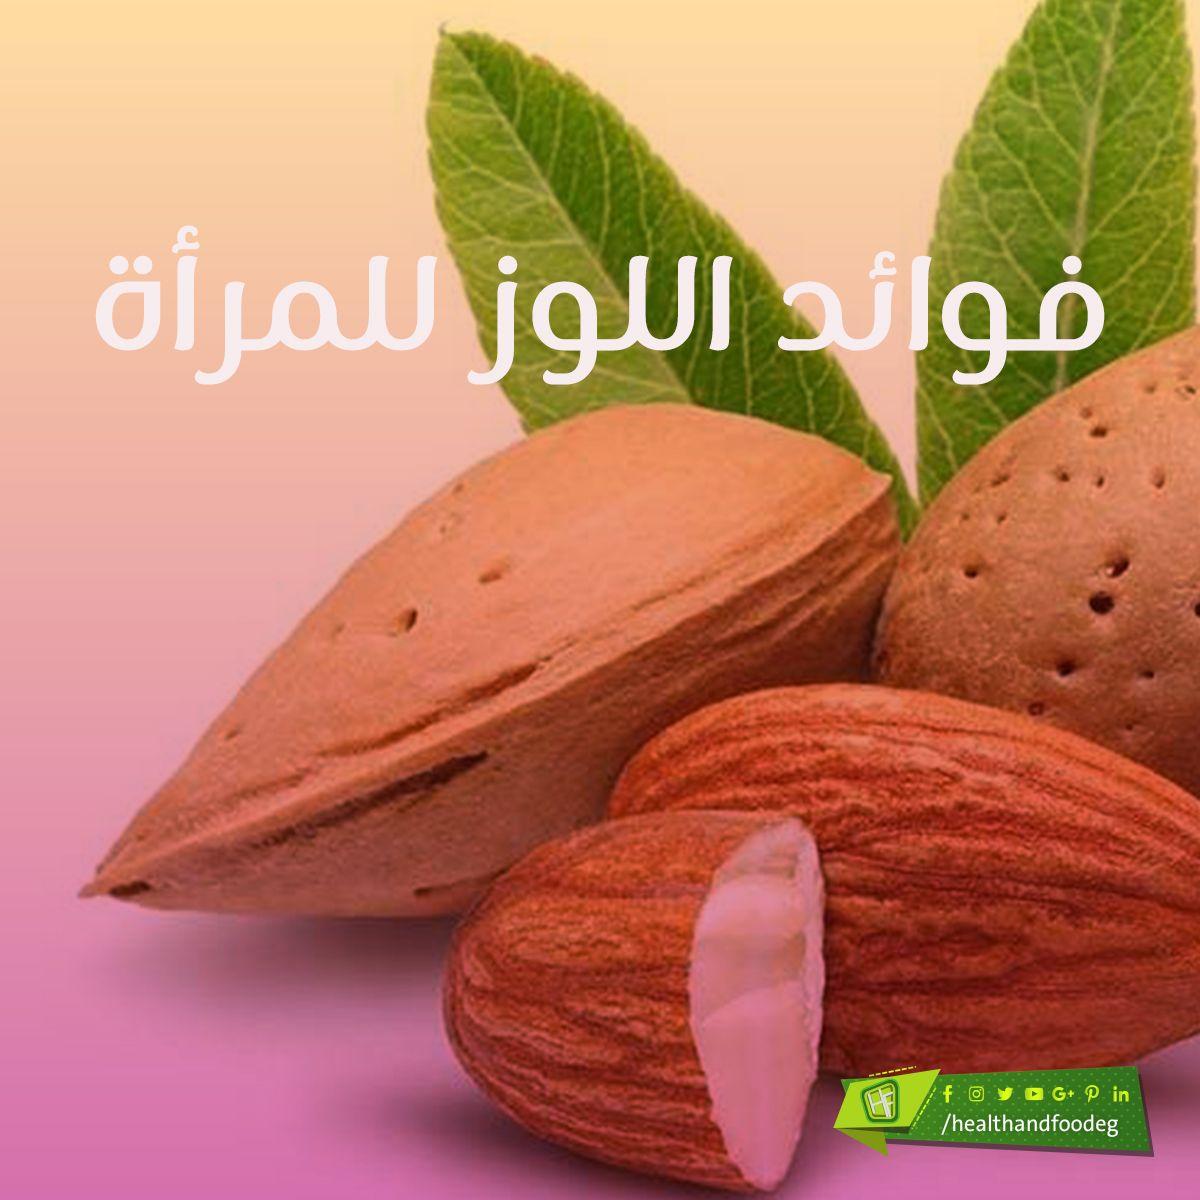 تعرفي على 3 من اهم فوائد اللوز للمرأة والمرأة الحامل Food Fruit Cantaloupe